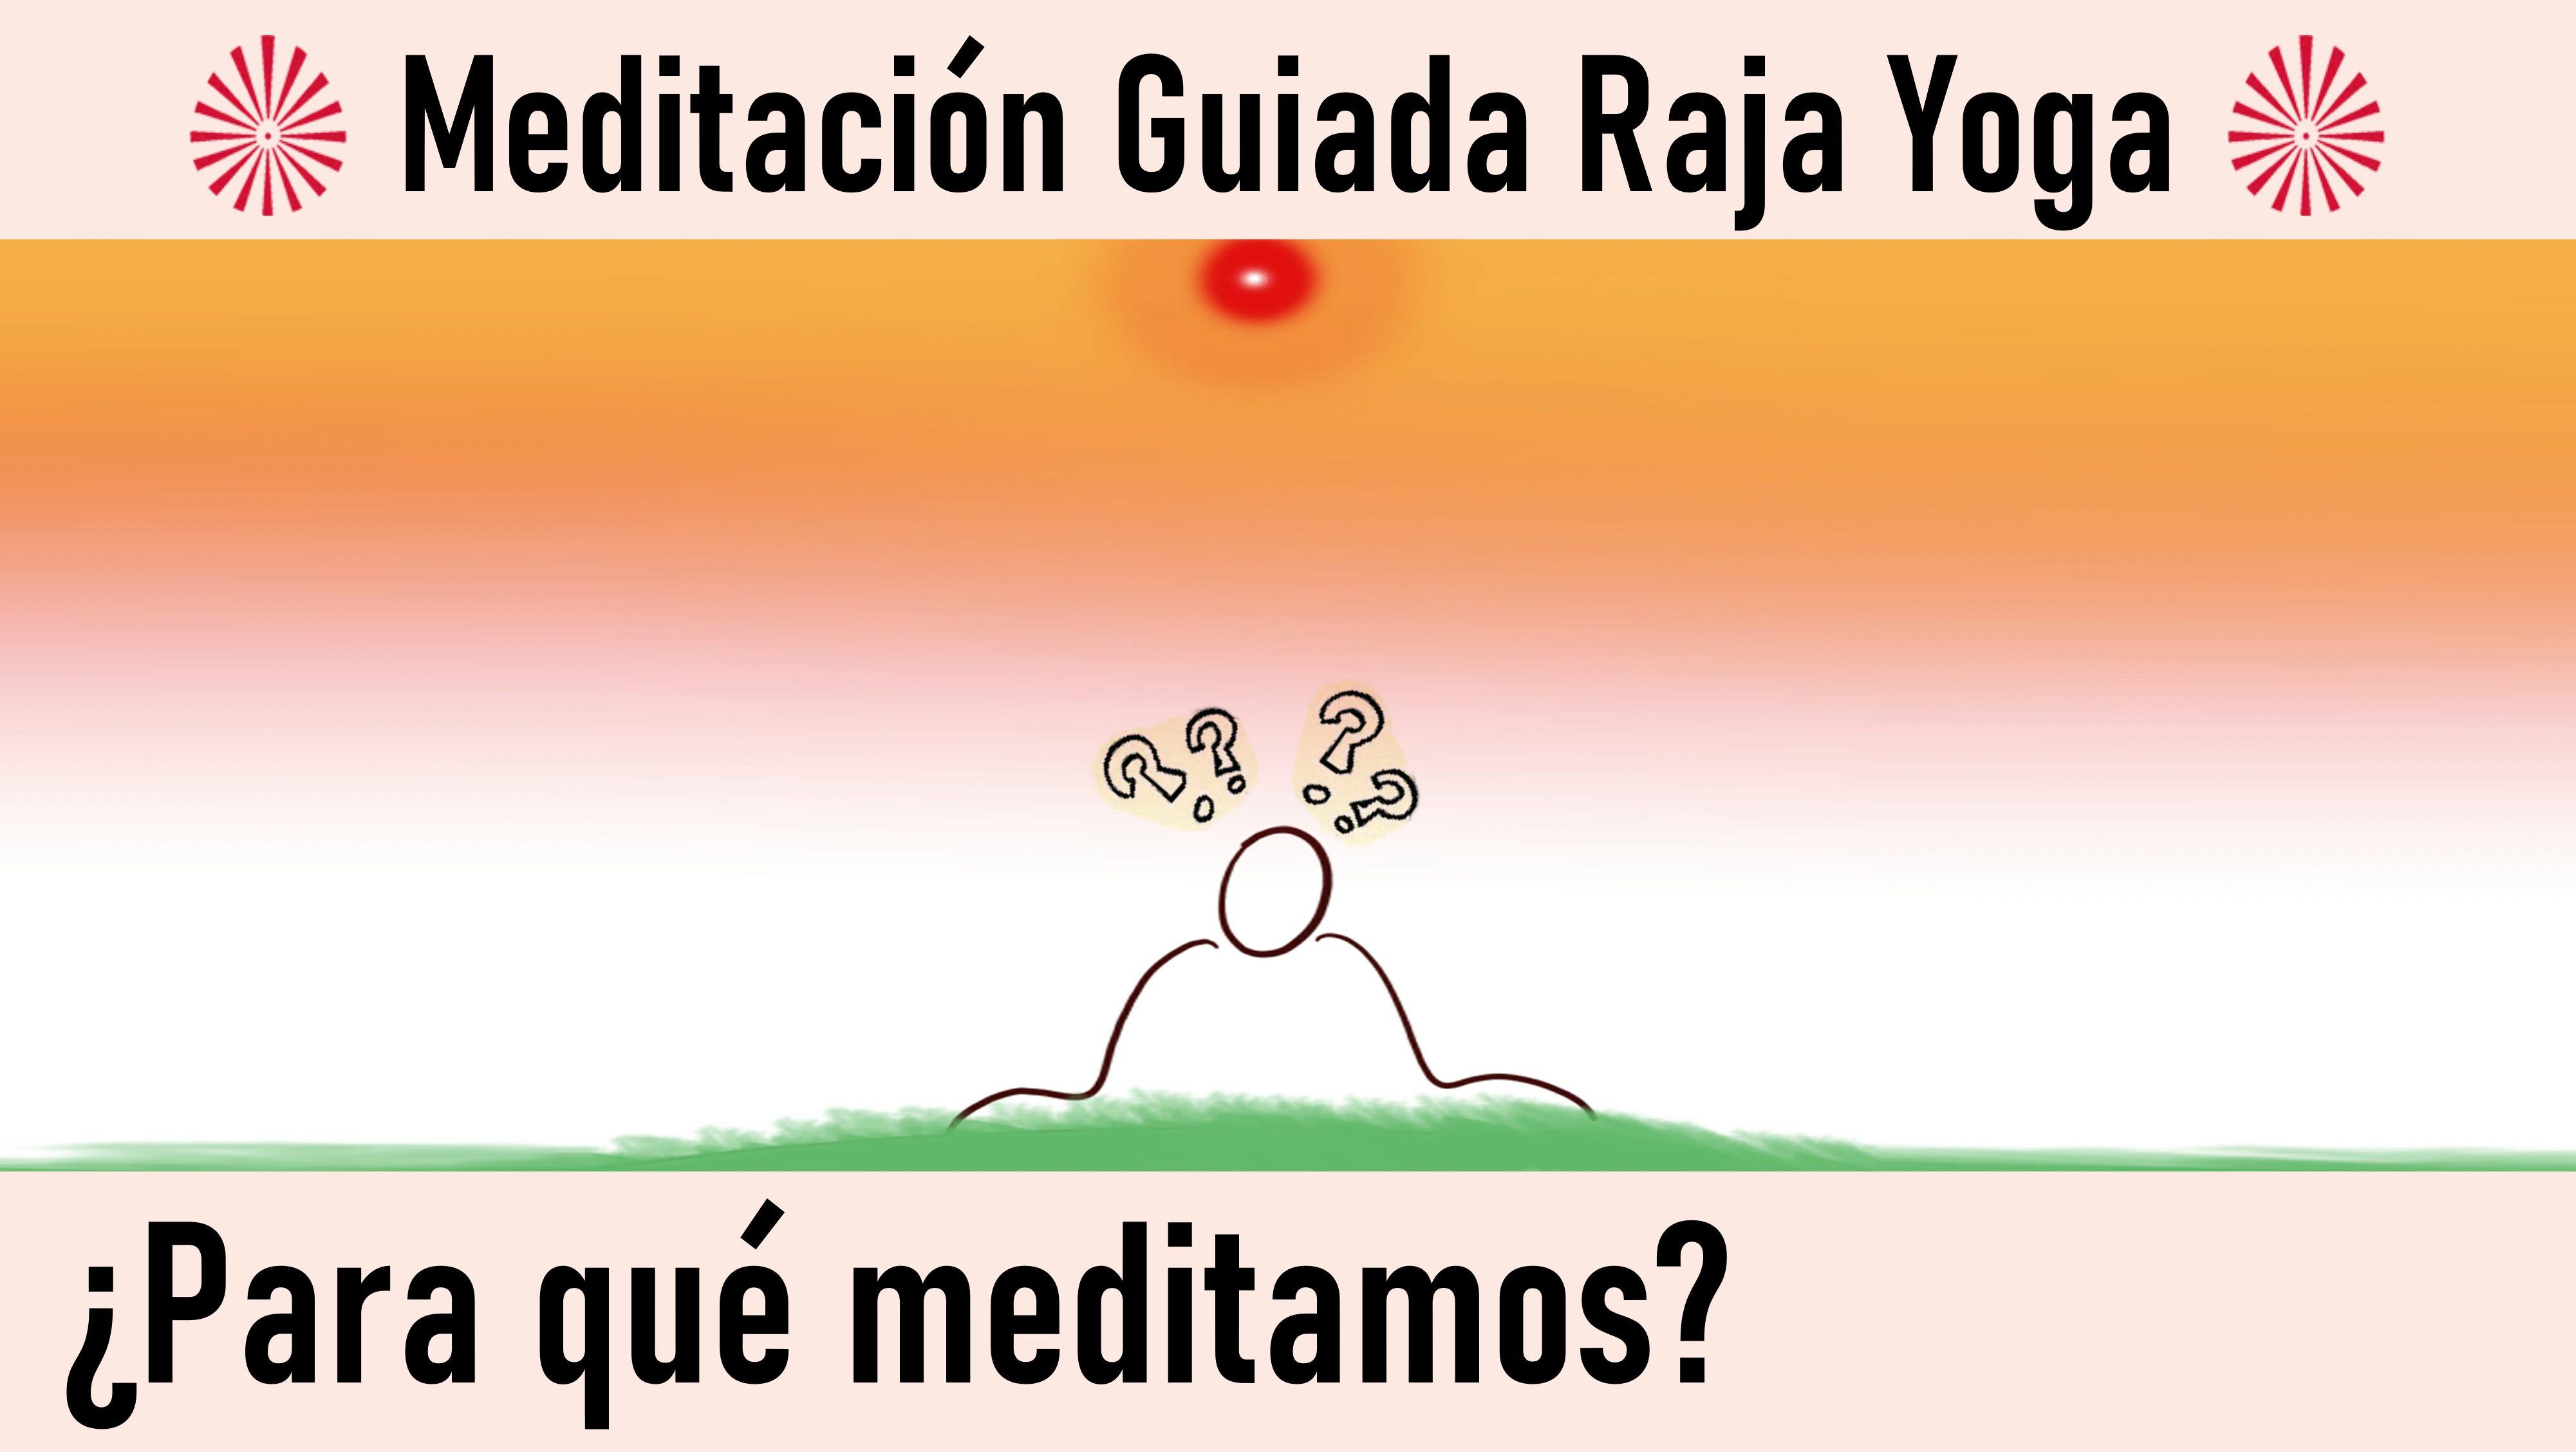 Meditación Raja Yoga: Para qué meditamos (11 Agosto 2020) On-line desde Canarias